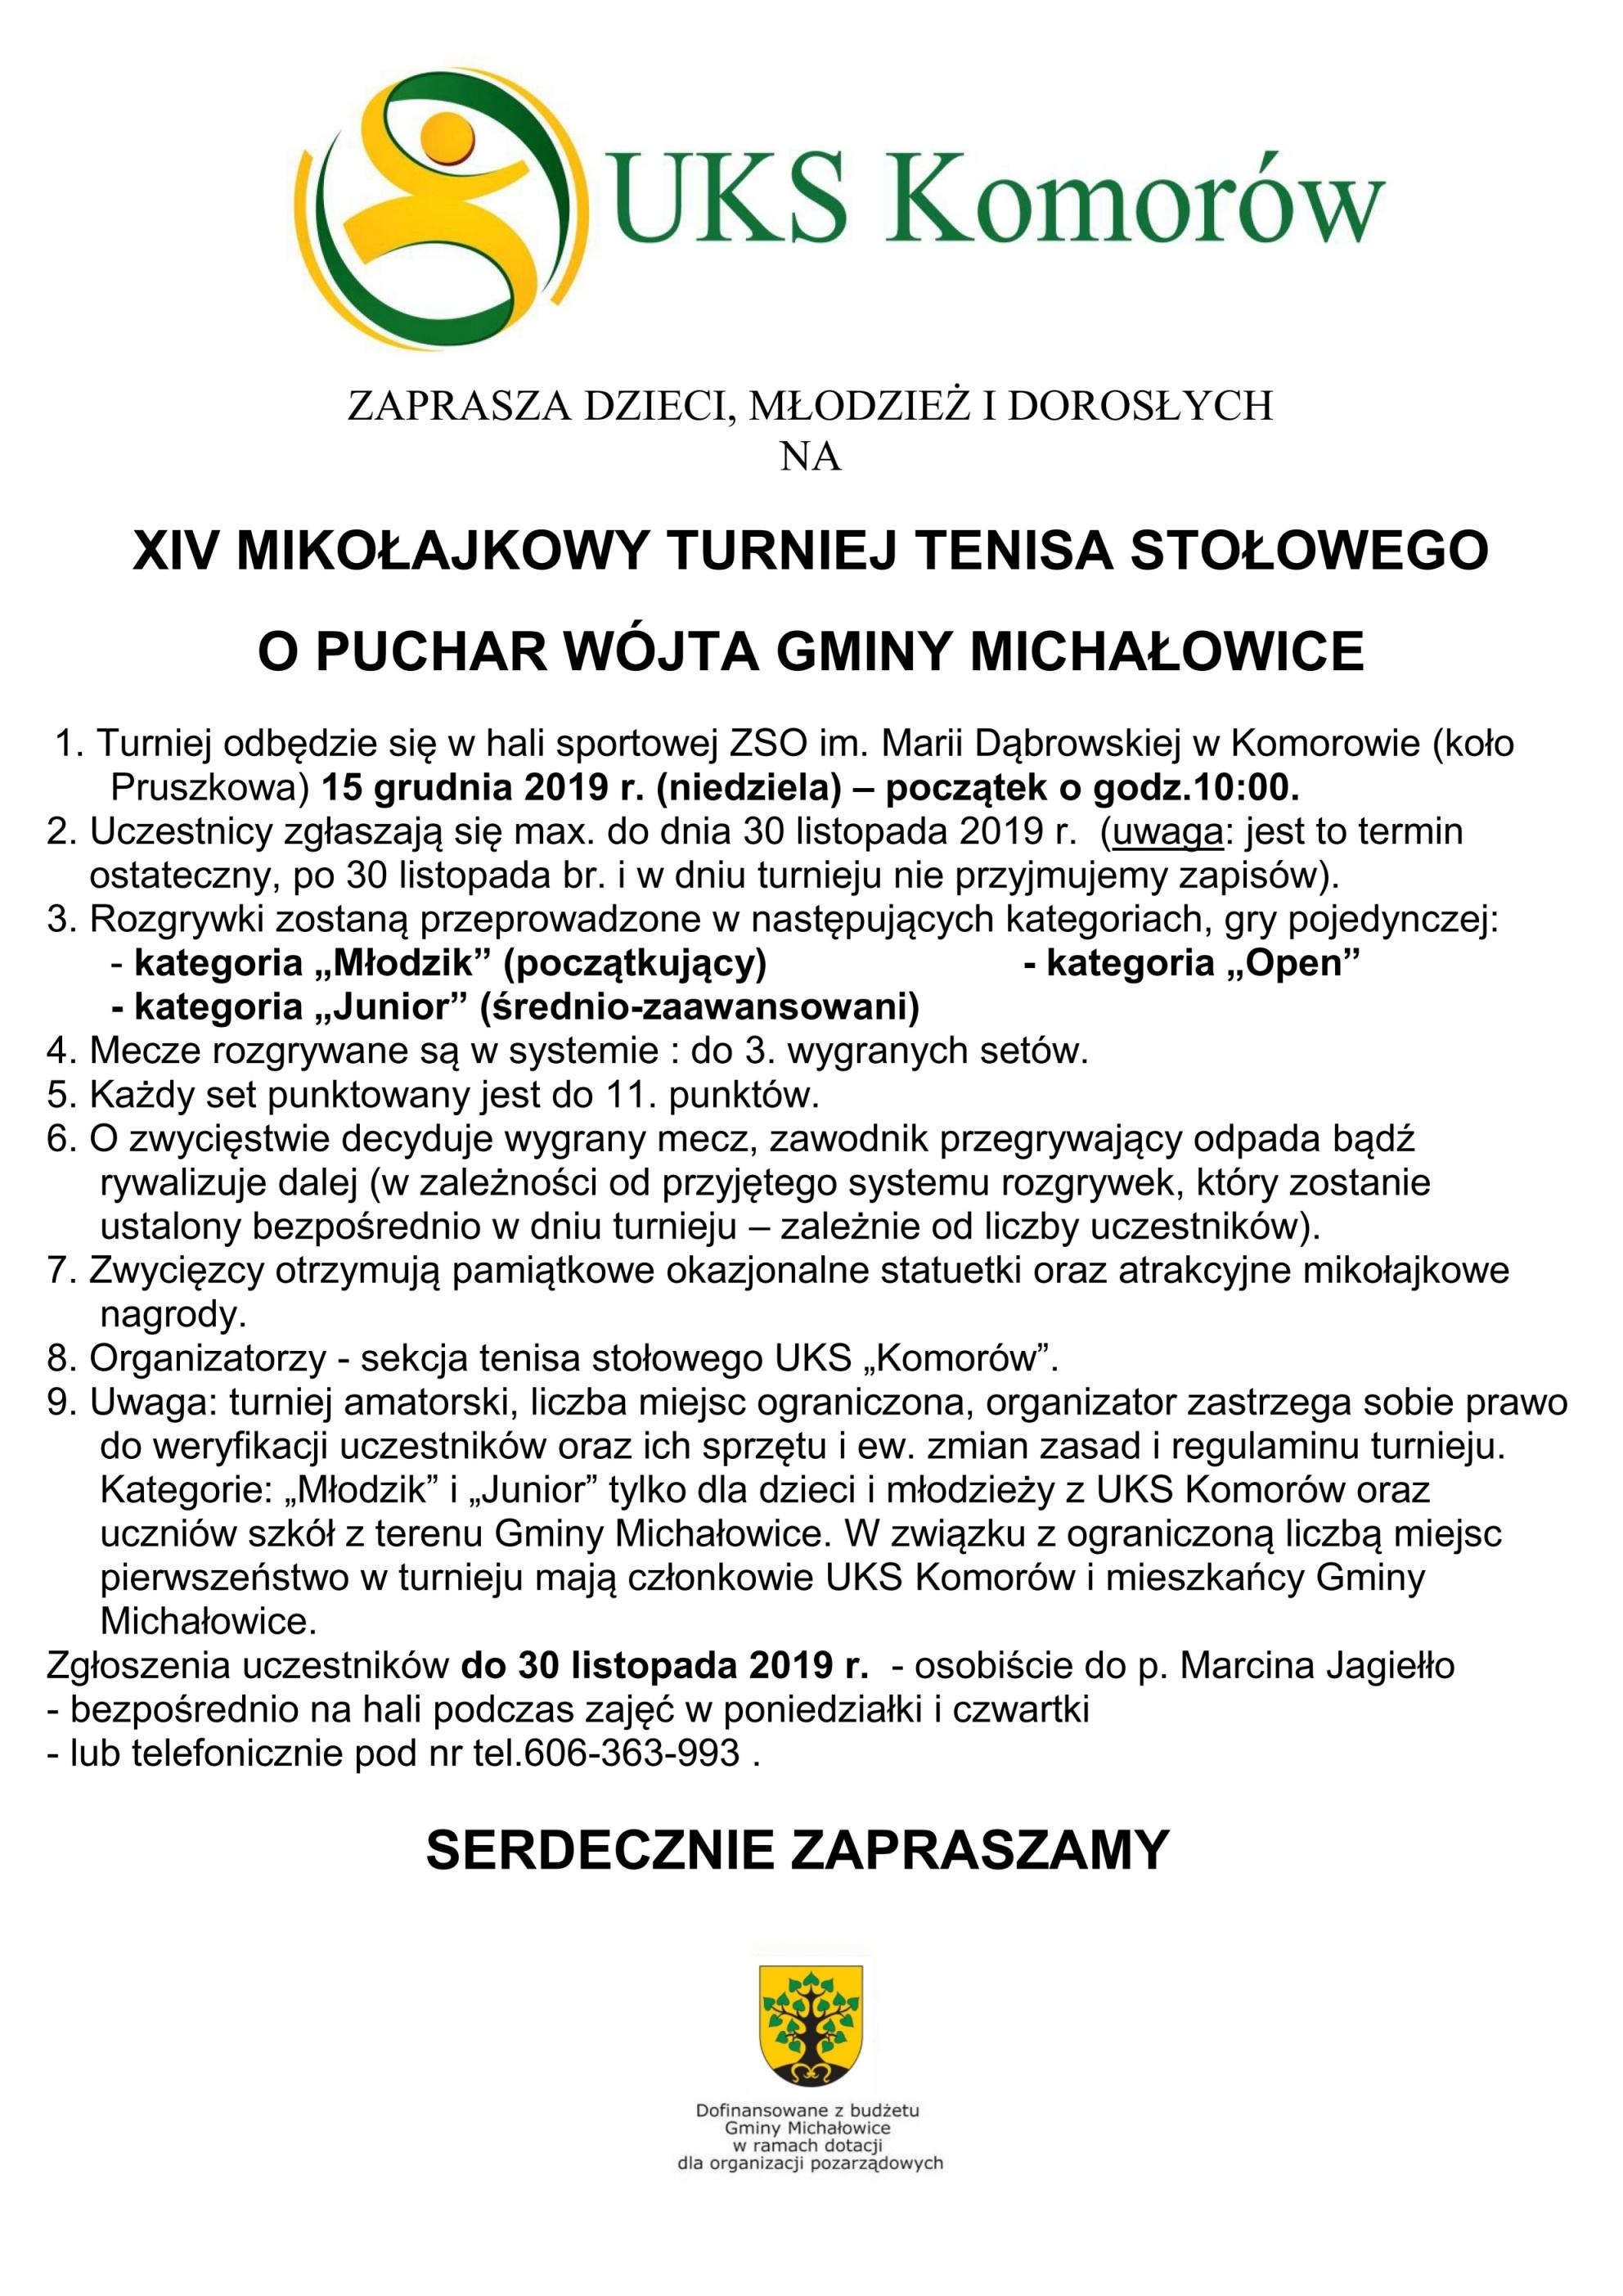 Plakat turnieju XIV MIKOŁAJKOWY TURNIEJ TENISA STOŁOWEGO O PUCHAR WÓJT GMINY MICHAŁOWICE